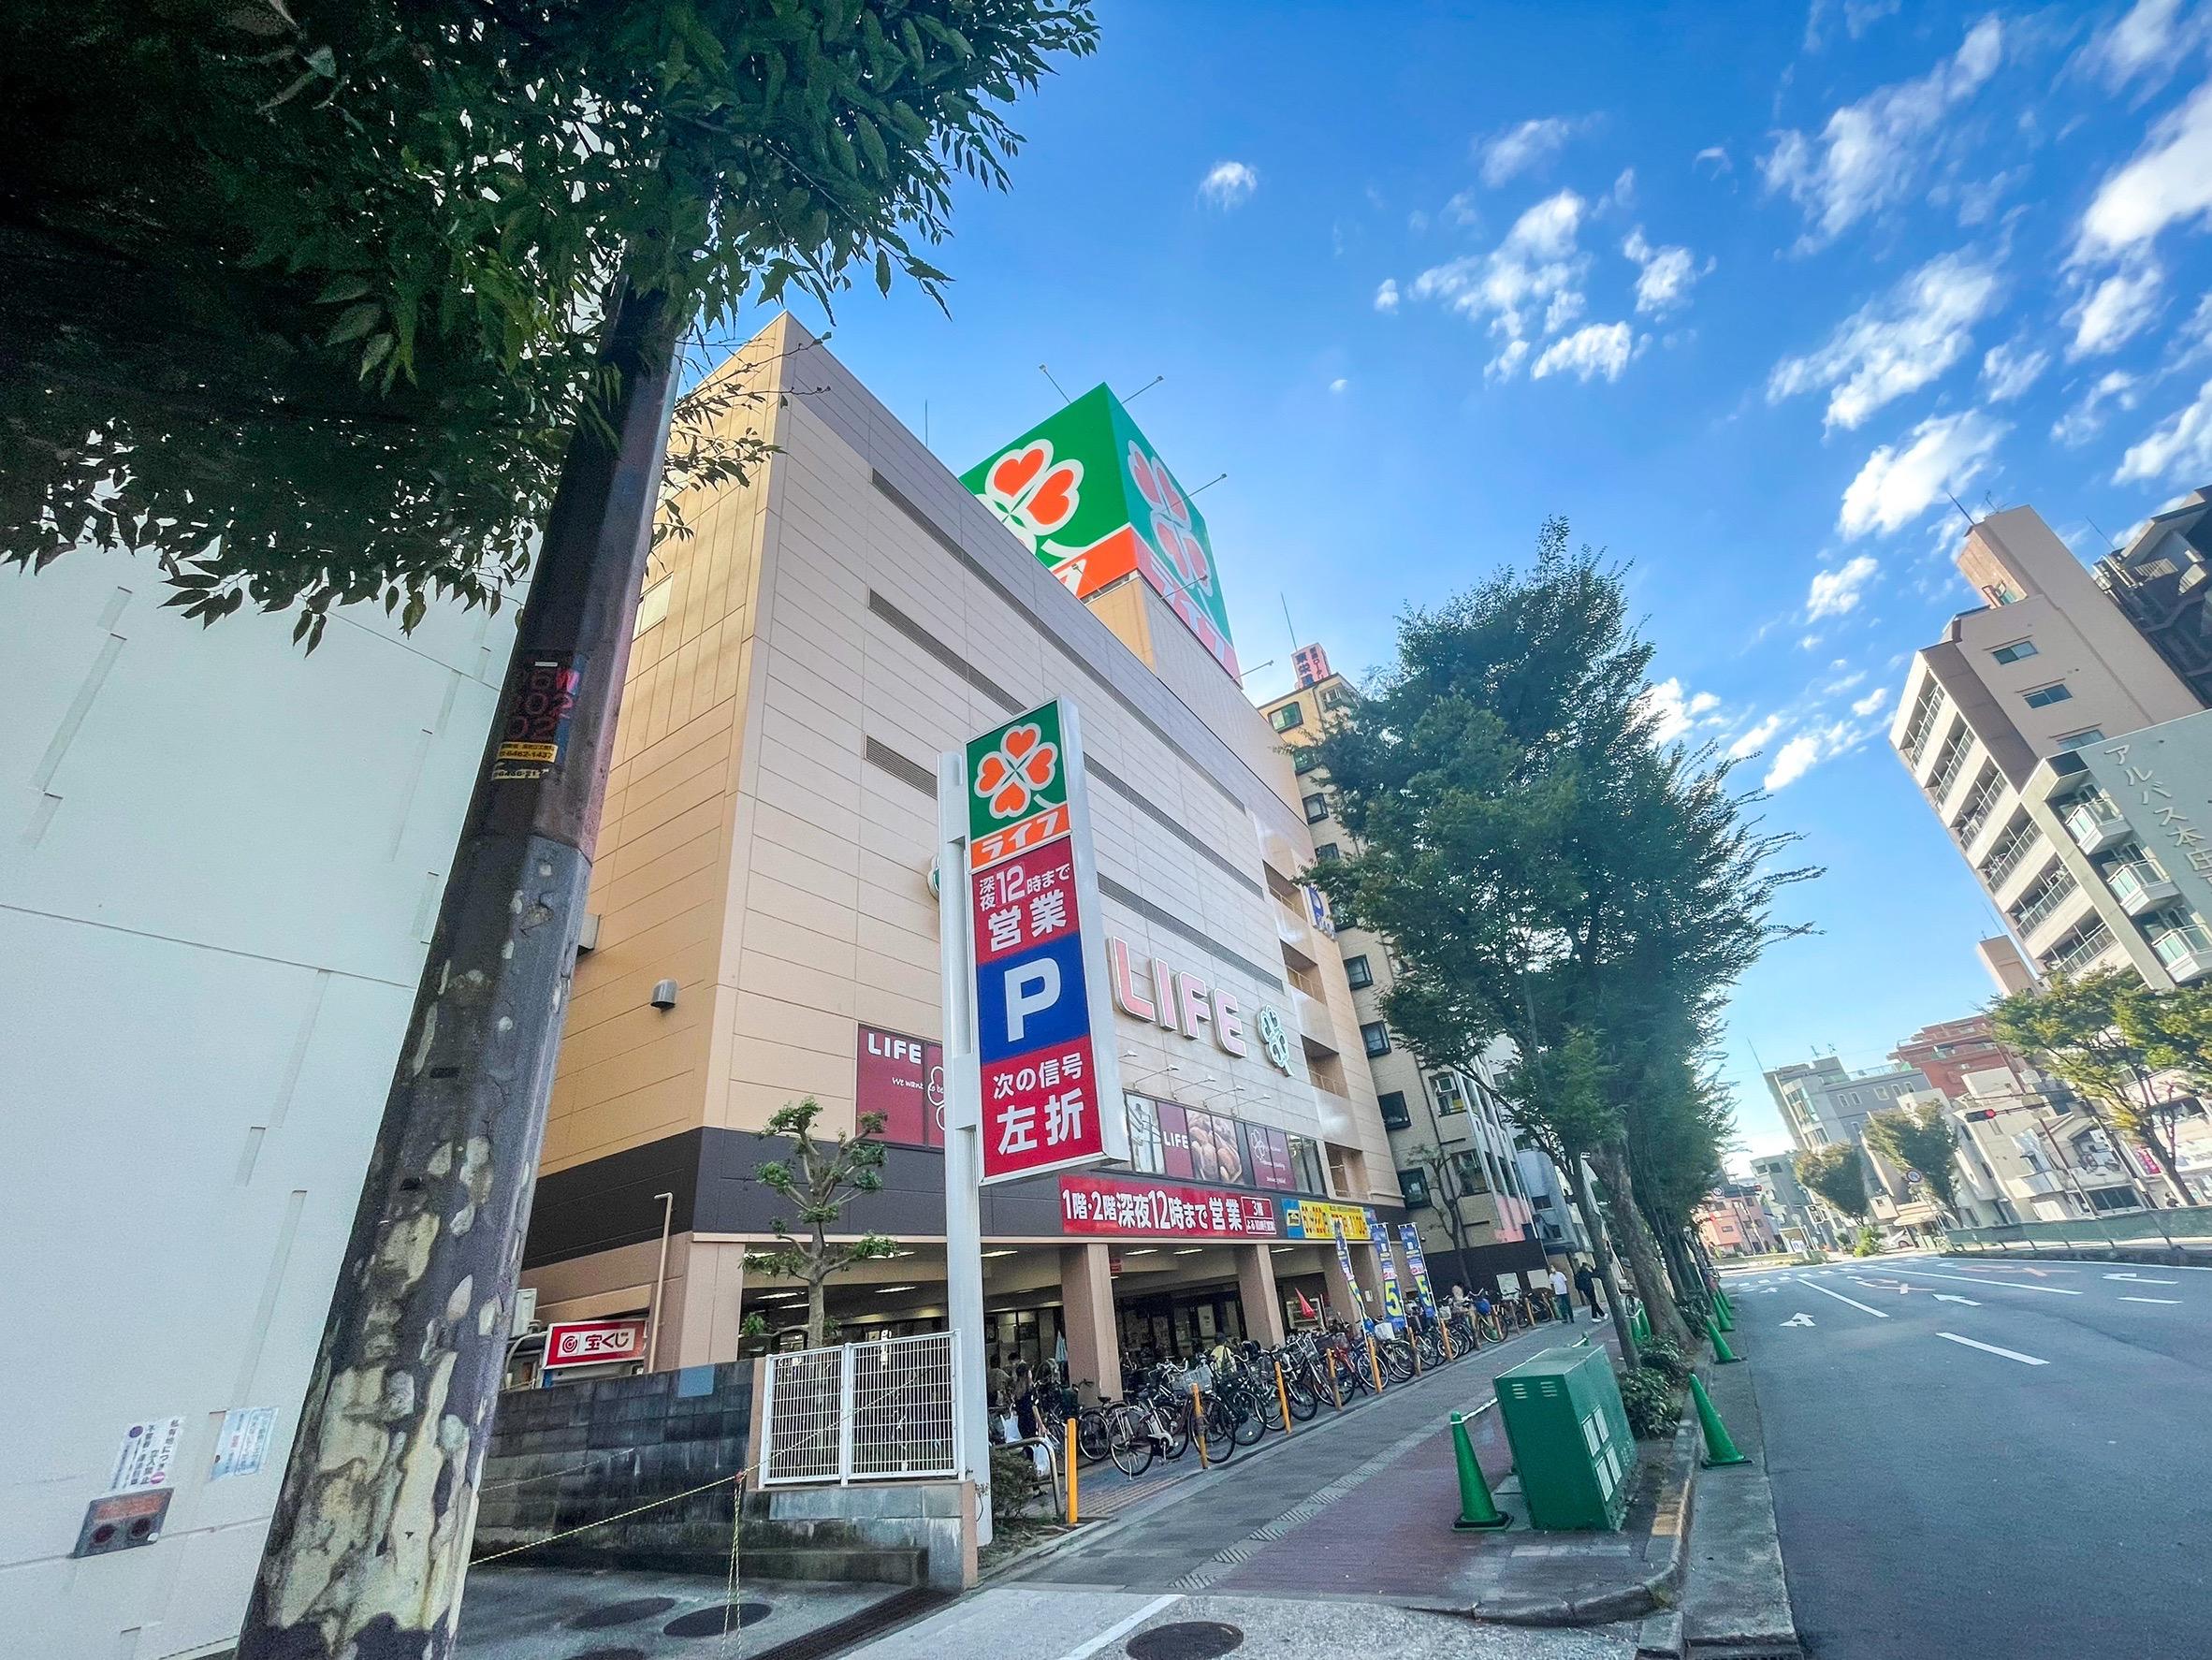 ライフ本庄店 自転車5分 宅都プロパティ大阪学生向けマンション総合サイト studentroom